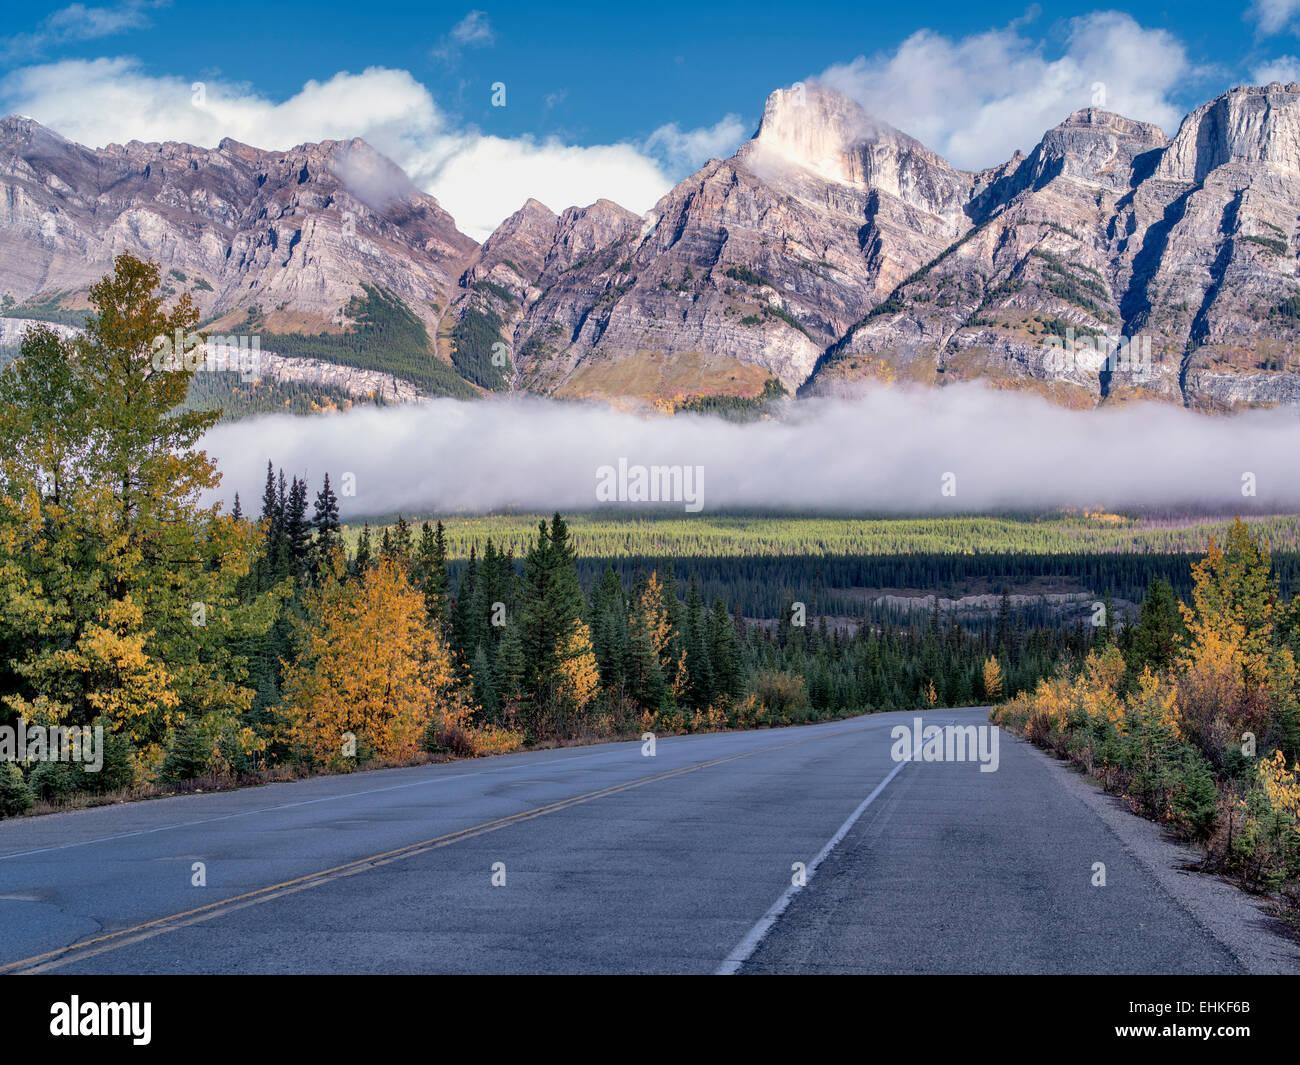 Road, niebla y nubes bajas con colores otoñales. Parque Nacional de Banff. Alberta, Canadá Imagen De Stock